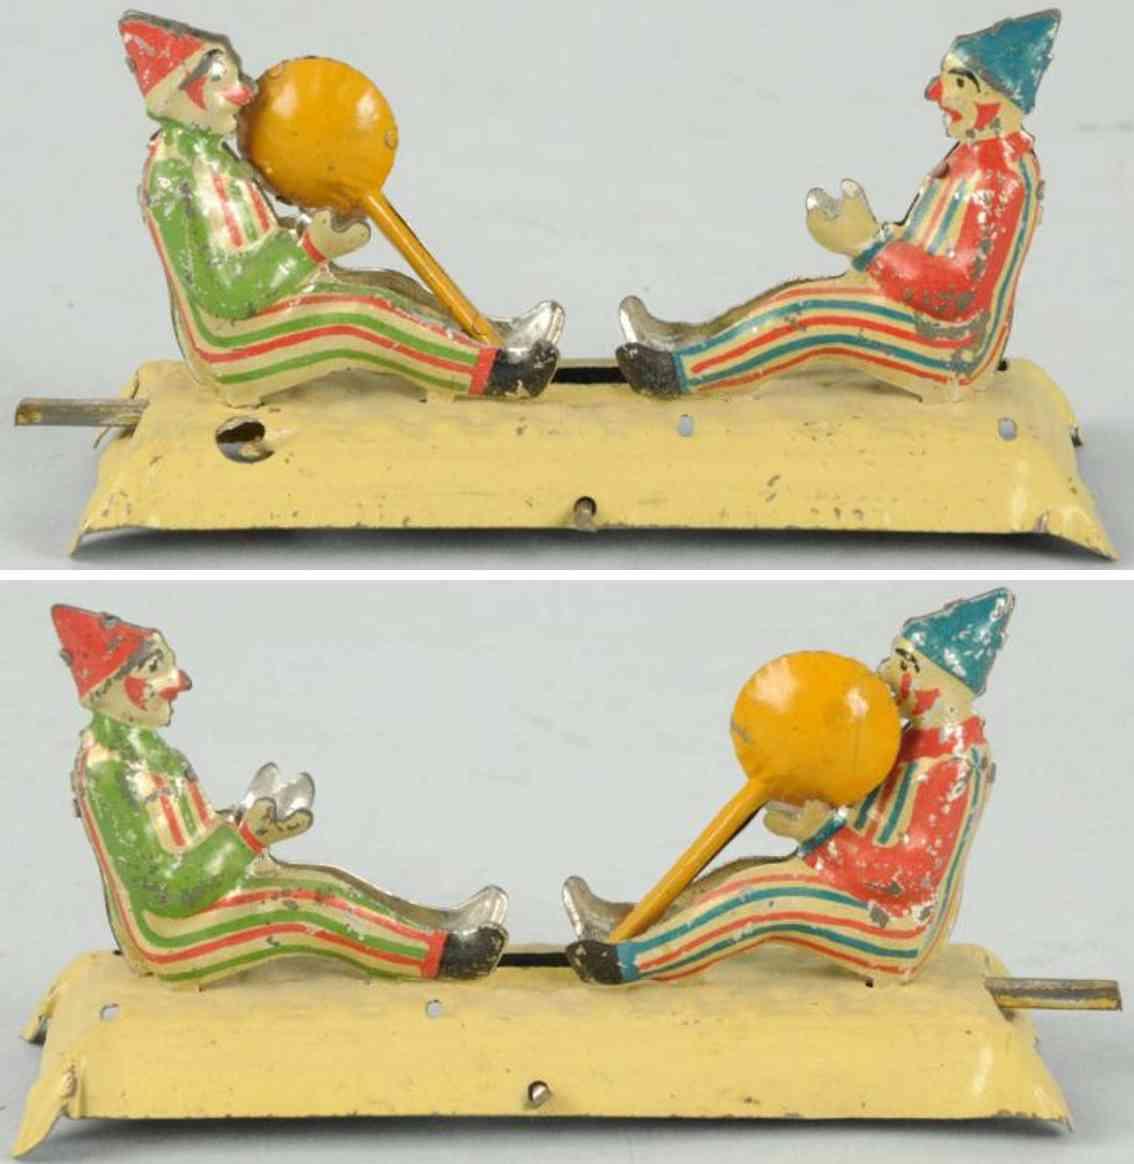 meier penny toy zwei clowns mit ball